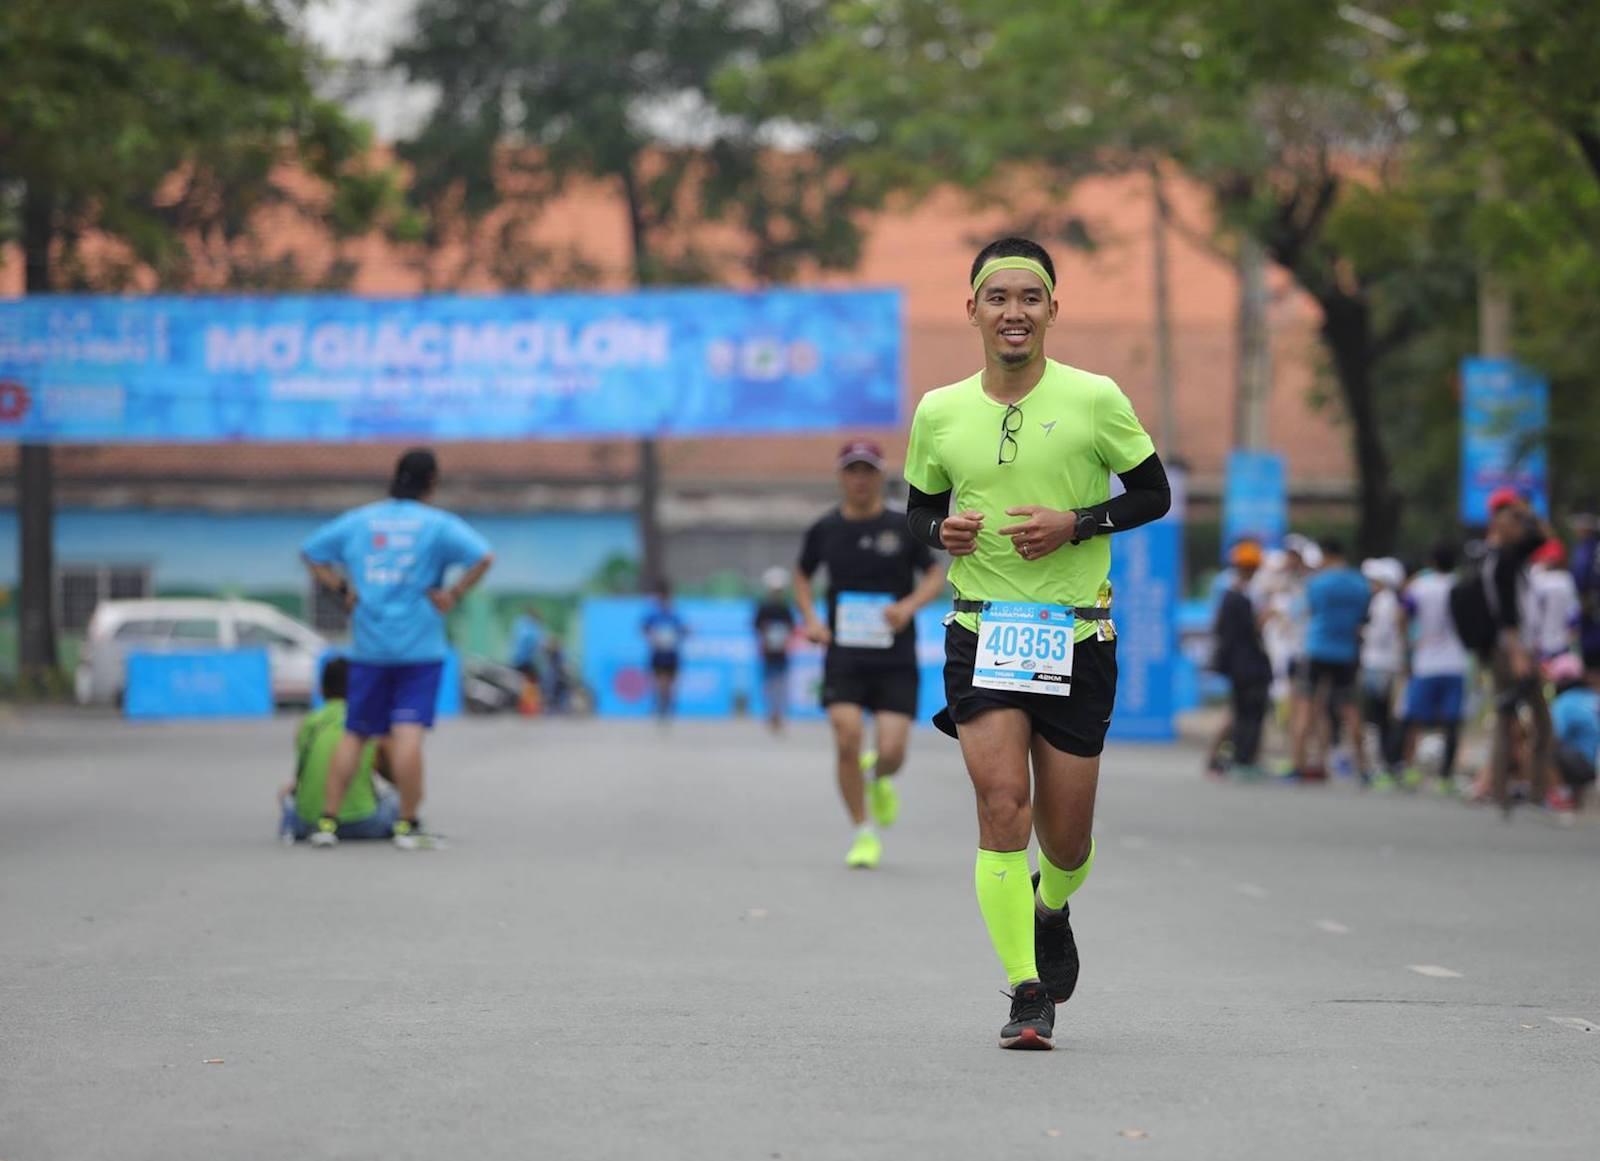 Kí sự HCMC Marathon 2018 – Từ từ mà tiến